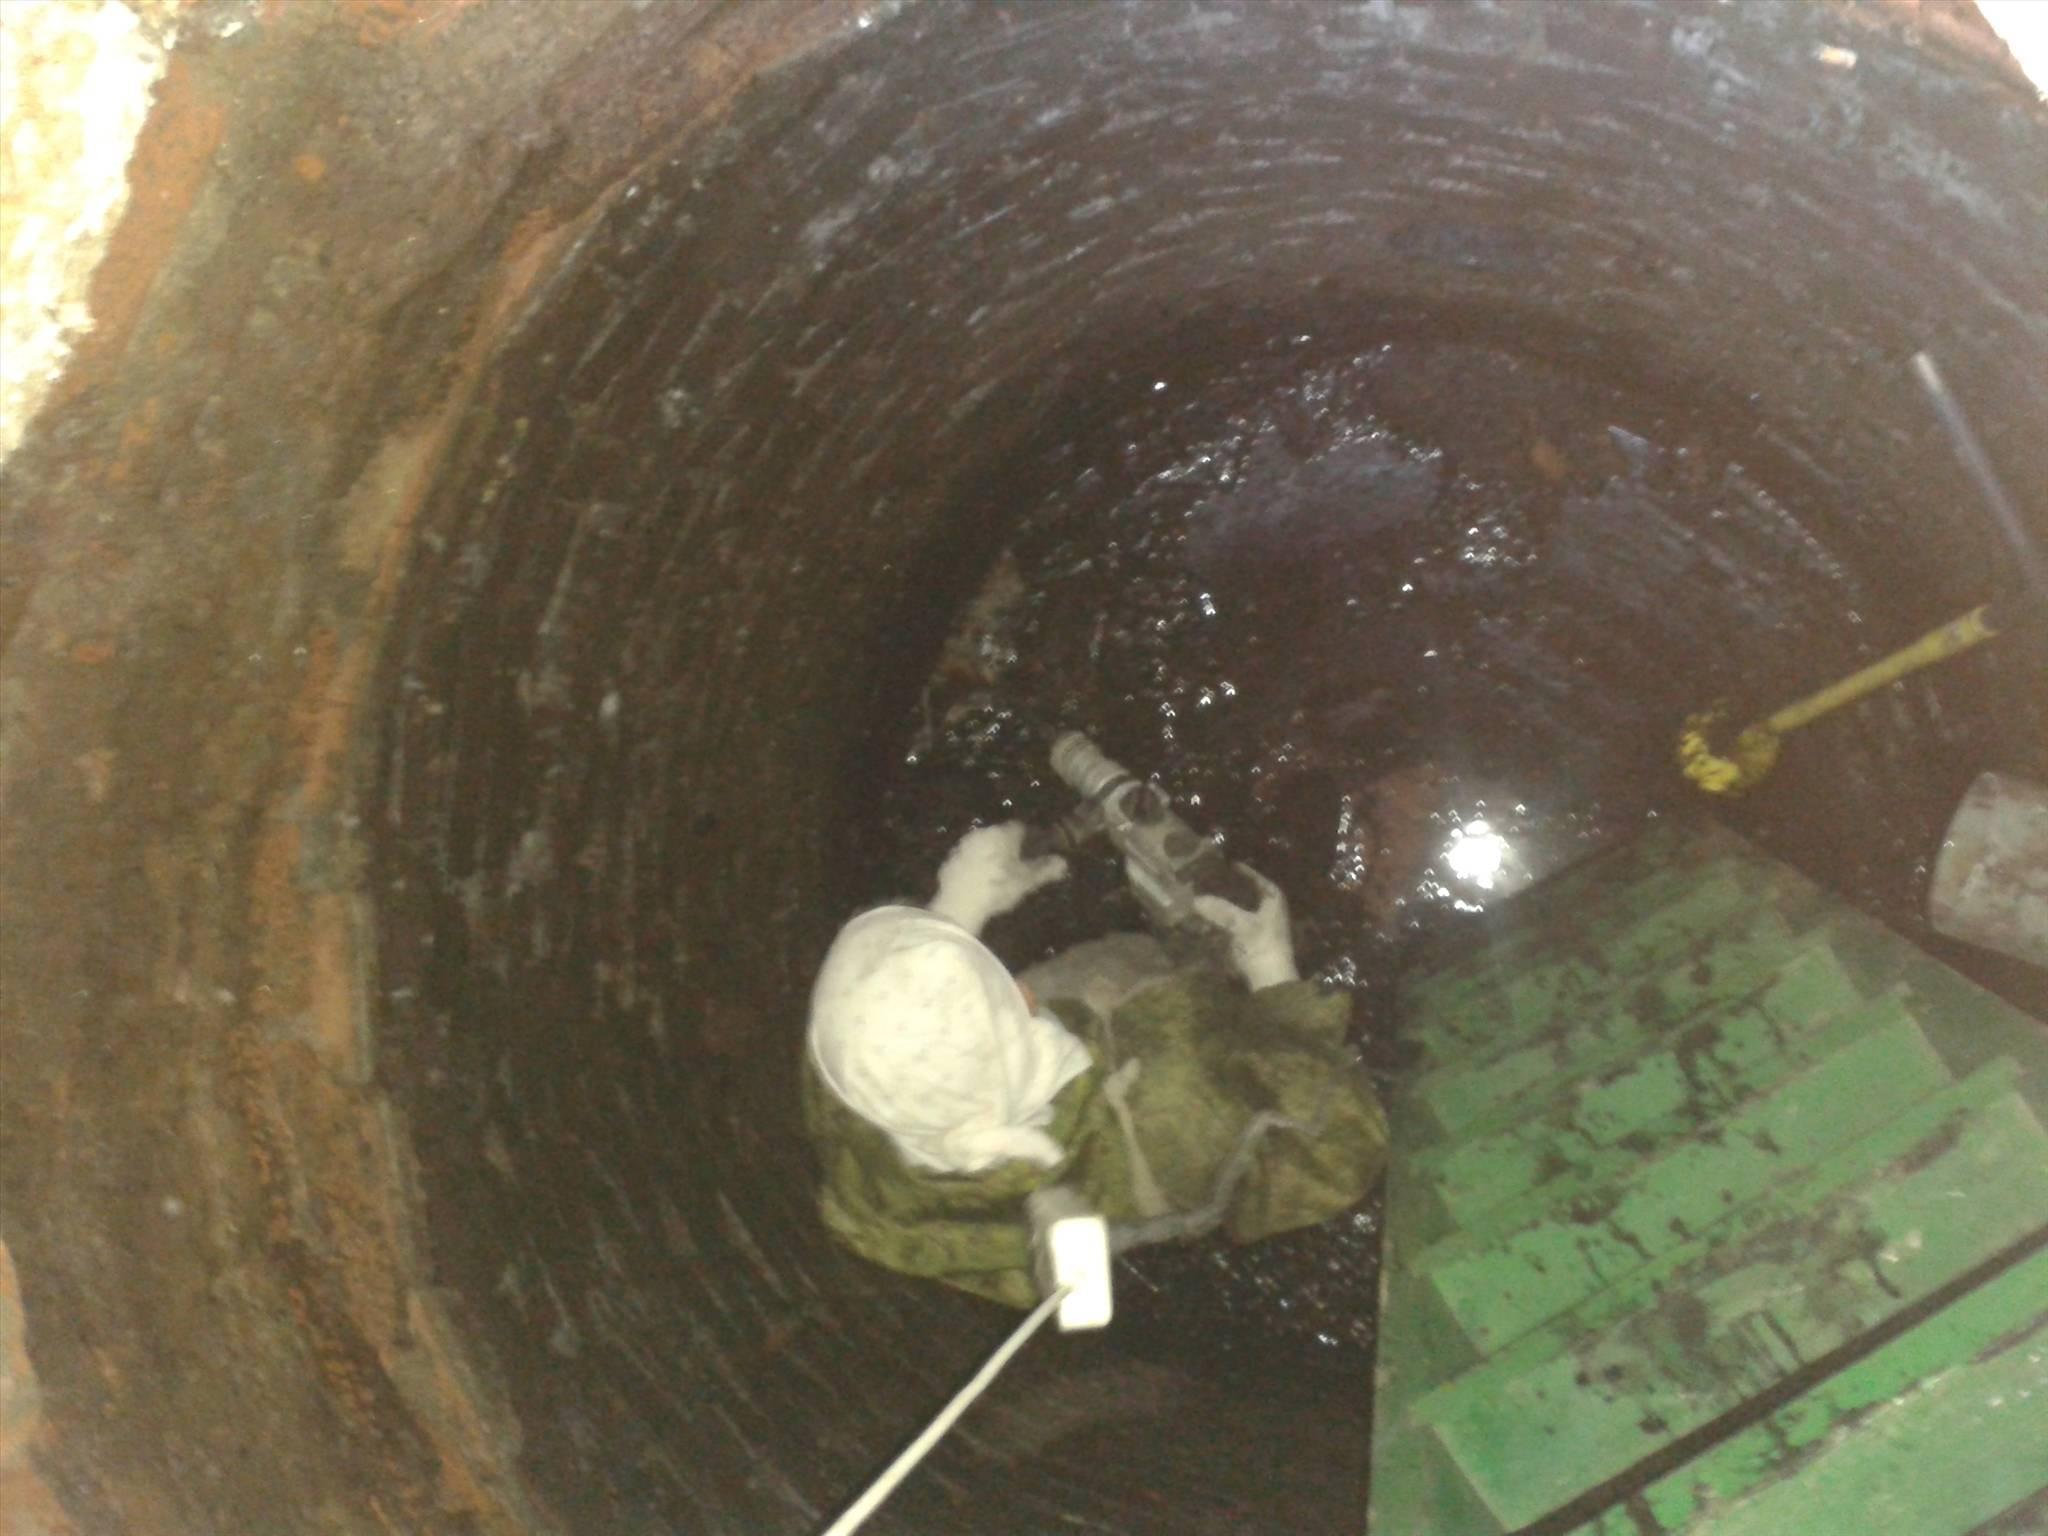 Выгребная яма без откачки своими руками - устройство